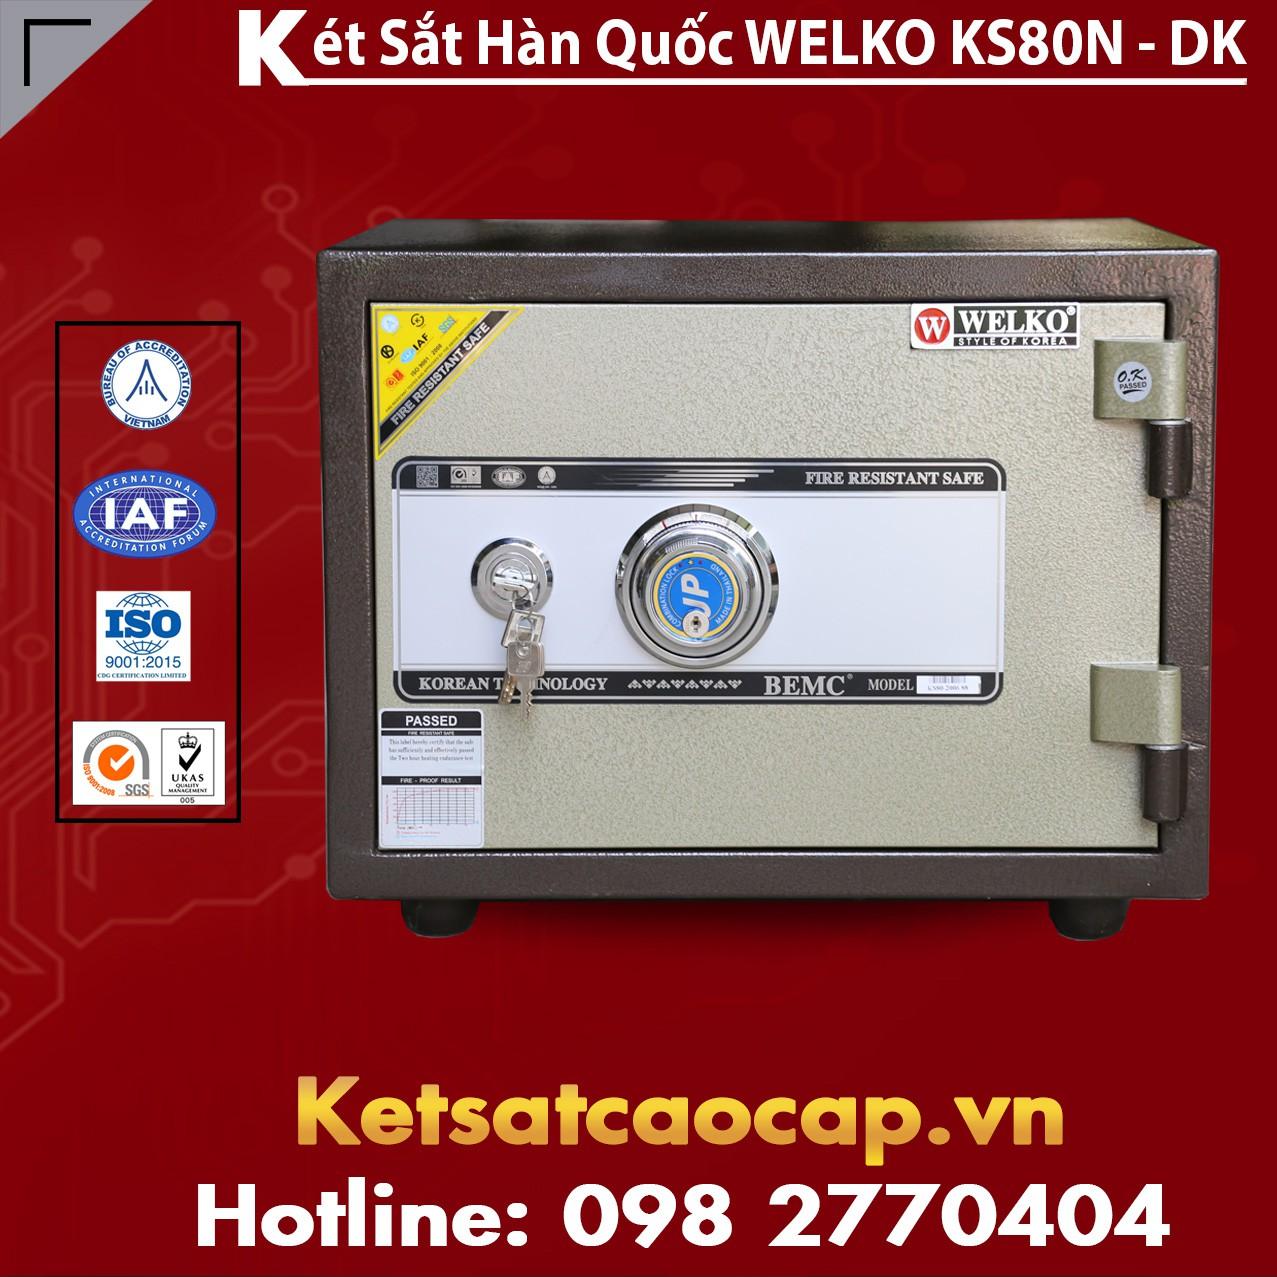 Két Sắt Văn Phòng KS80N - DK Brown